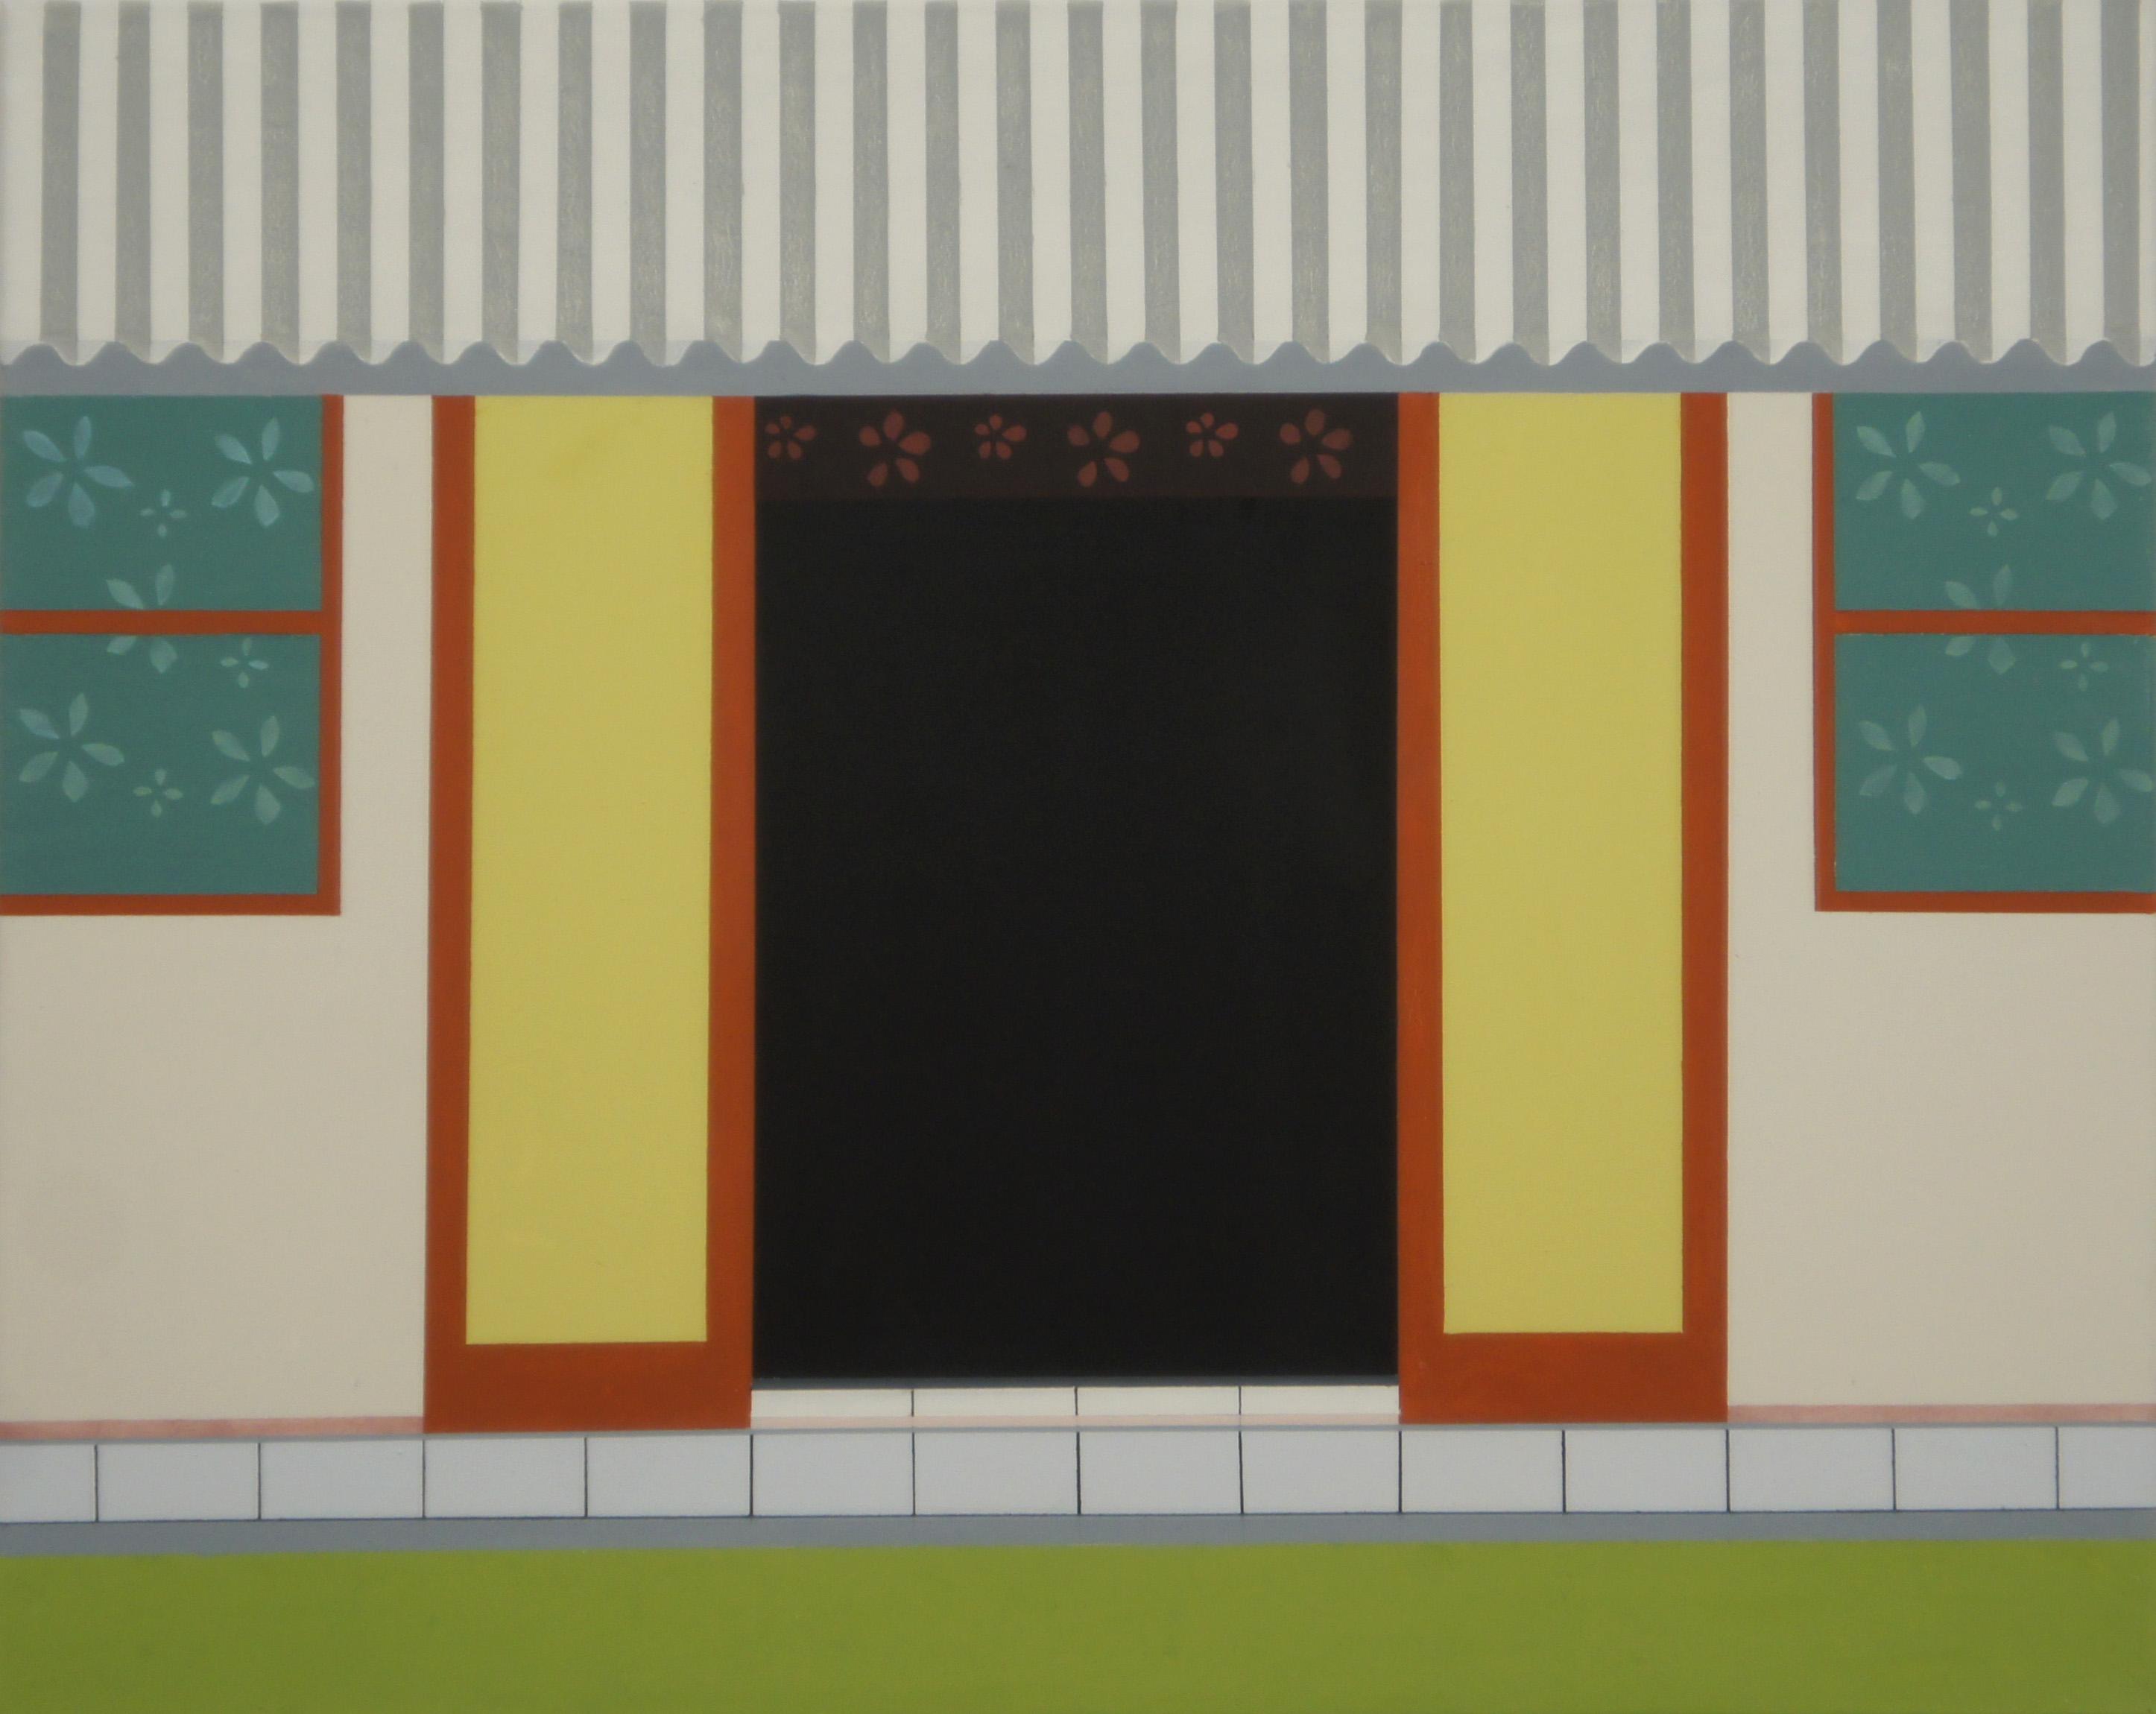 Auf Rarotonga, 2010, 80 x 100 cm, Ölfarbe auf Leinwand On Rarotonga, 2010, 80 x 100 cm, Oil on canvas